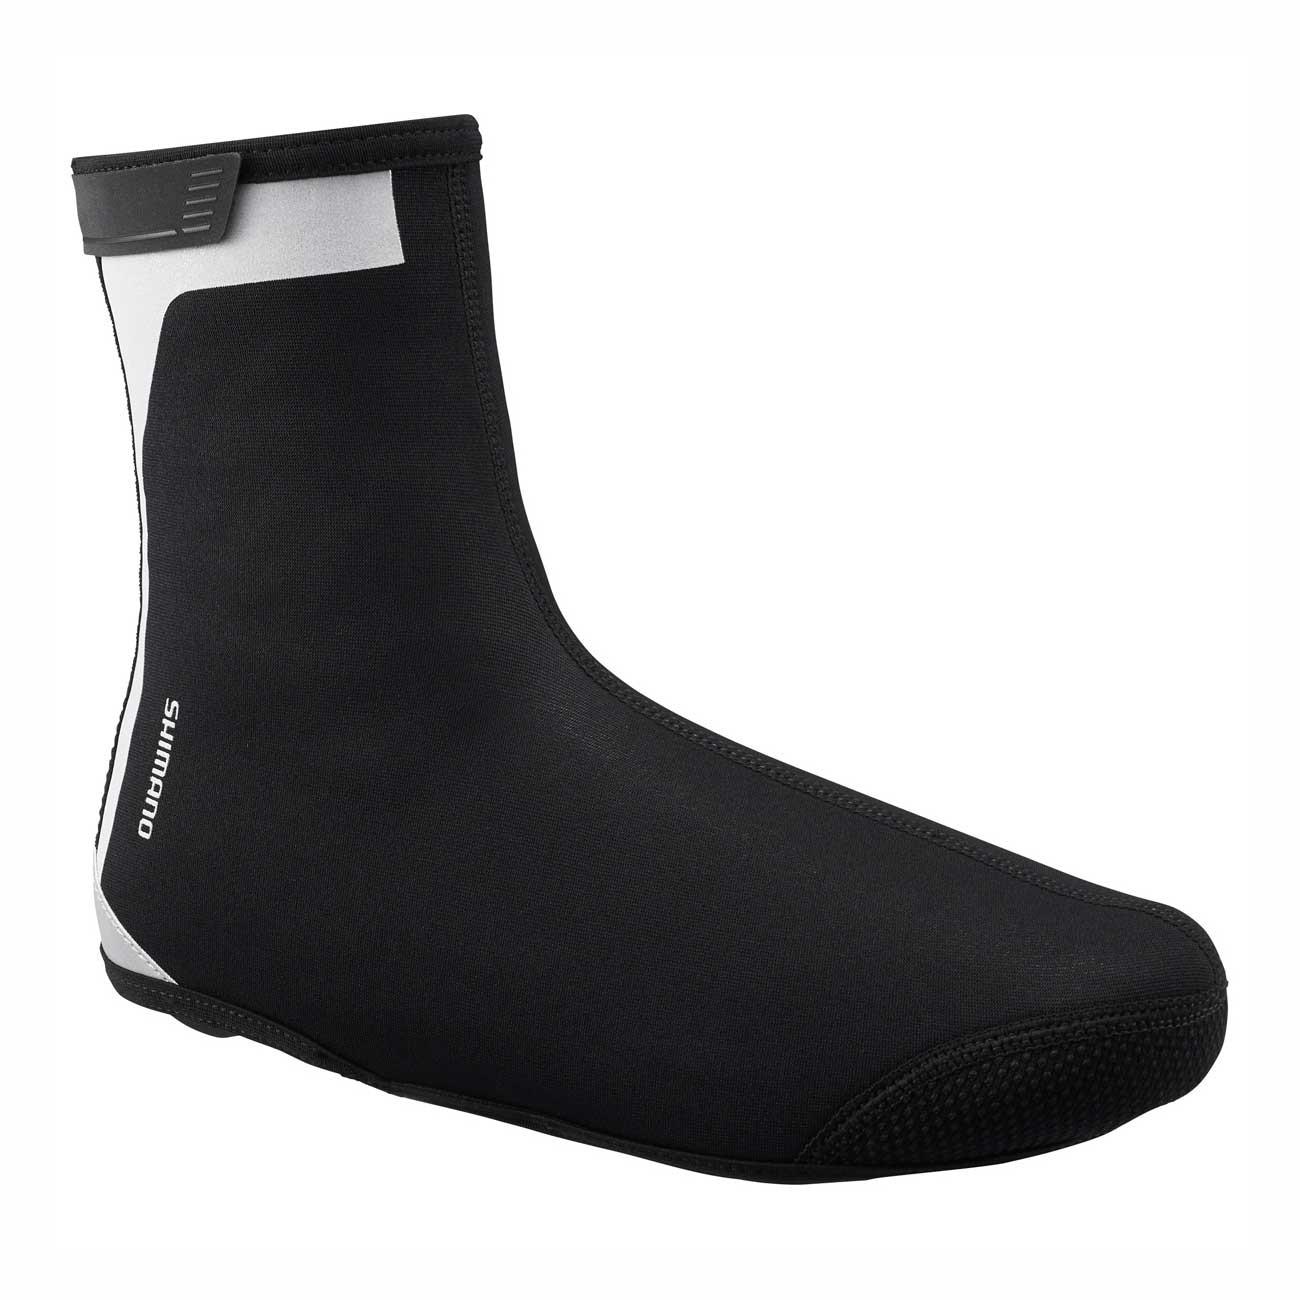 SHIMANO BLACK ochraniacze na buty rowerowe